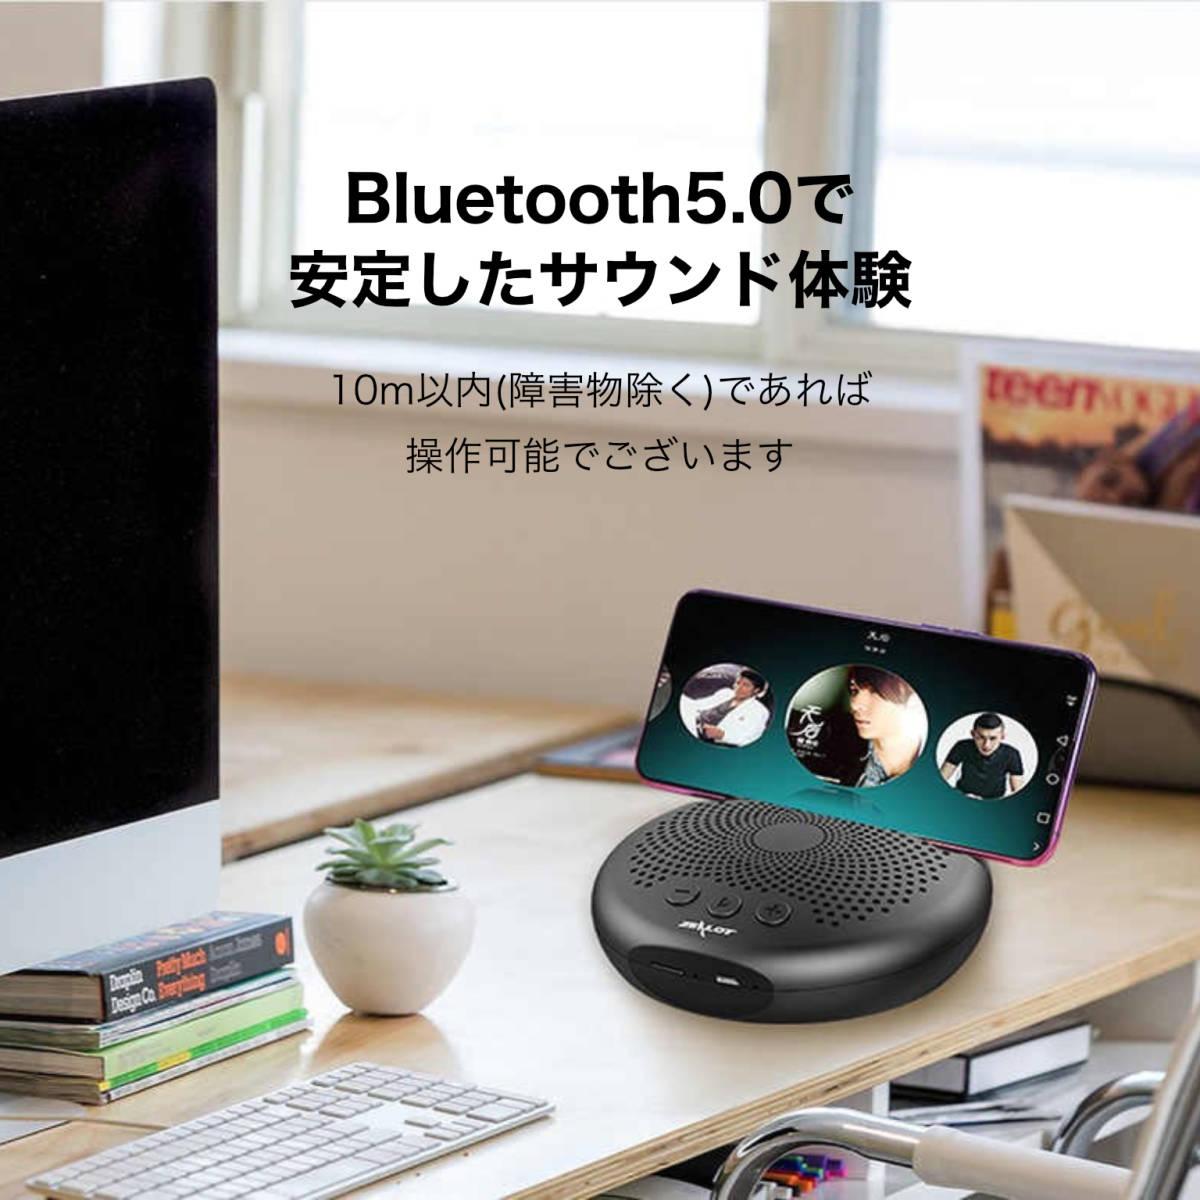 スピーカー ブルートゥース ワイヤレス ポータブル Bluetooth5.0 iPhone Android スタンド 高音質 防水 重低音 タブレット 送料無料_画像3